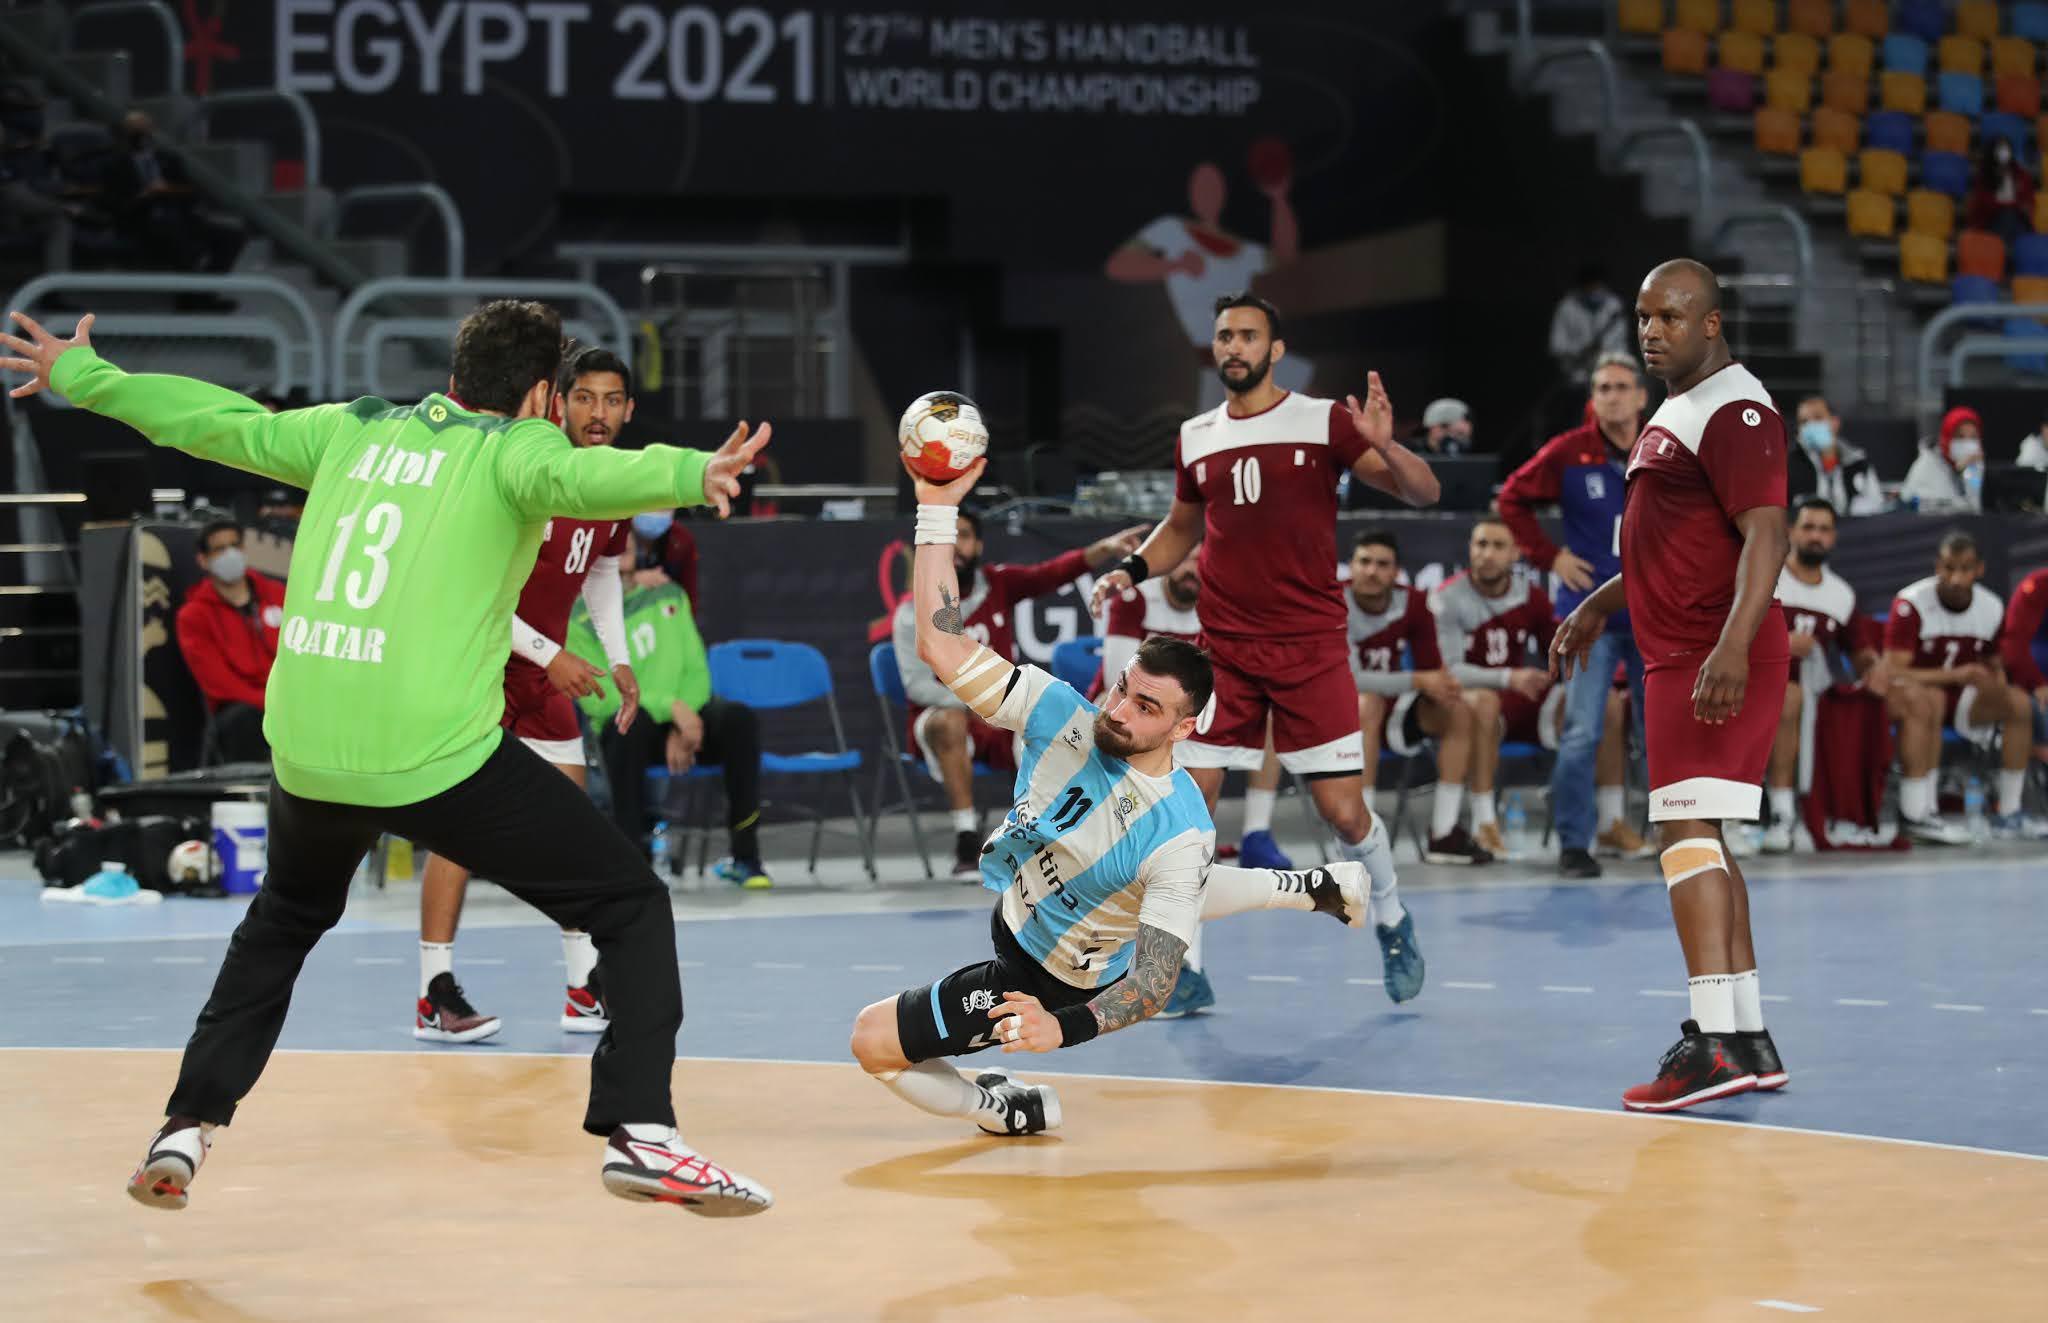 Gladiadores caen ante Qatar y complican la chance de clasificarse a cuartos de final